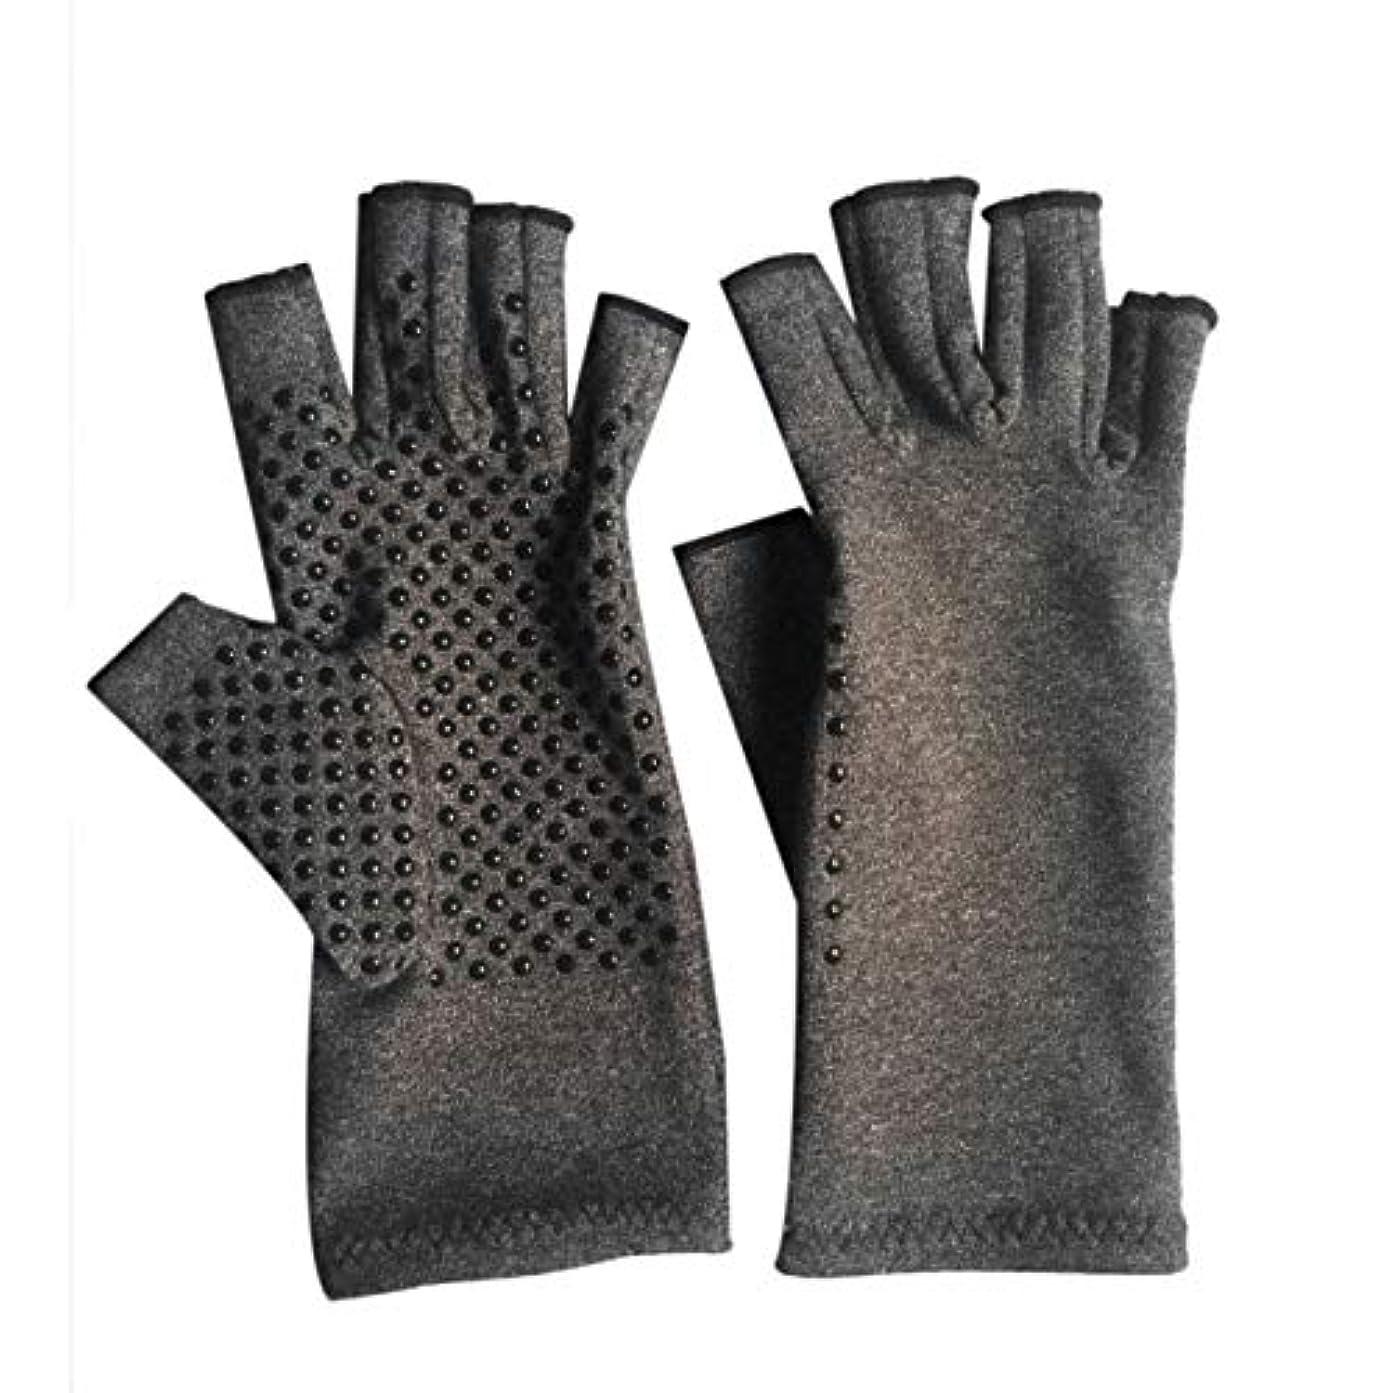 実行可能偶然の有効なDeeploveUU 1ペアユニセックス男性女性療法圧縮手袋関節炎関節痛緩和ヘルスケアハーフフィンガーグローブトレーニンググローブ